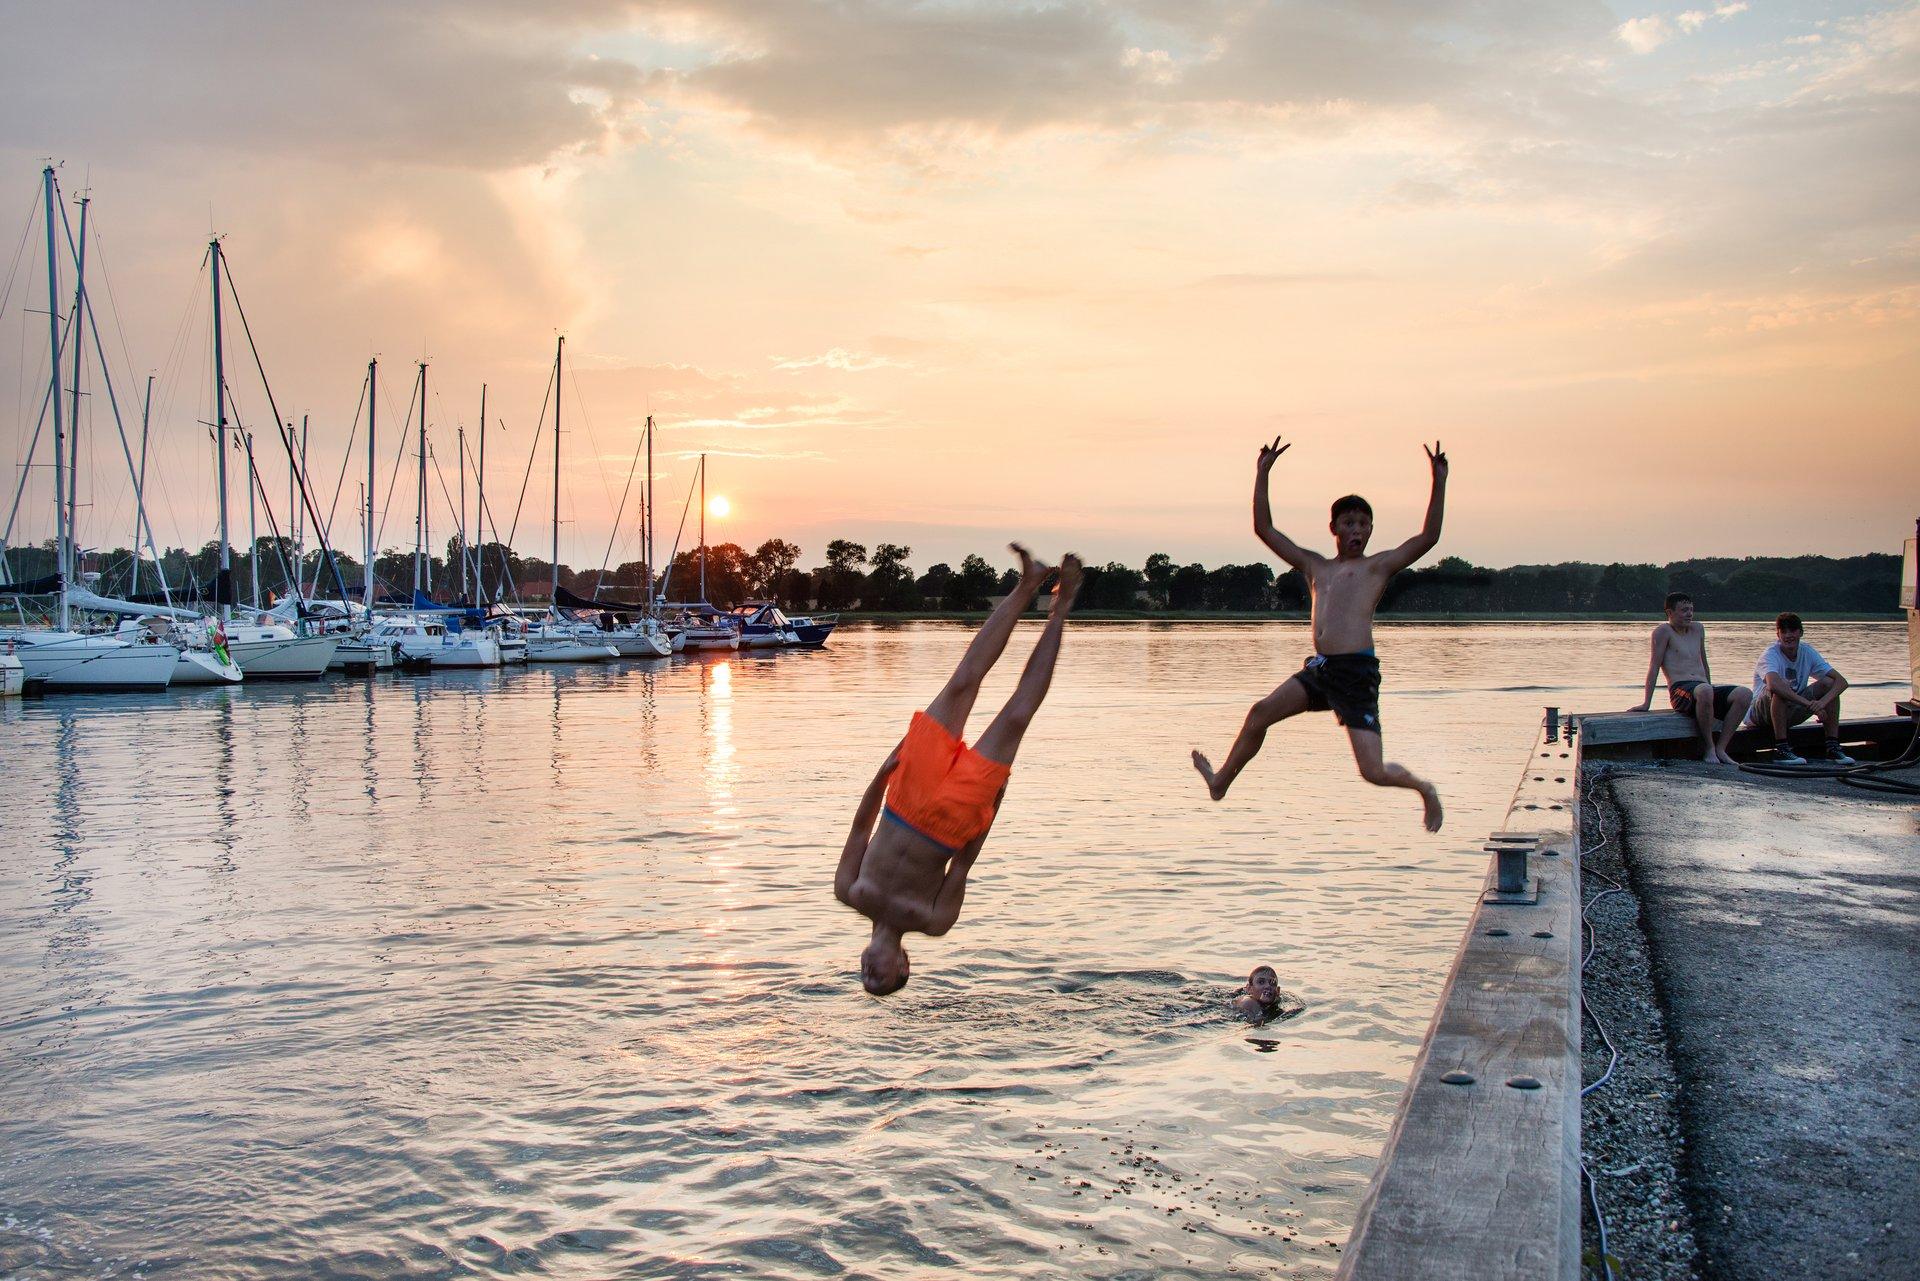 Danskerne ferieplaner bliver også i år påvirket af coronakrisen. Så længe grænserne er lukket, må der holdes ferie på hjemlige breddegrader. Arkivpressefoto fra Præstø Havn, VisitDenmark: Thomas Rousing.